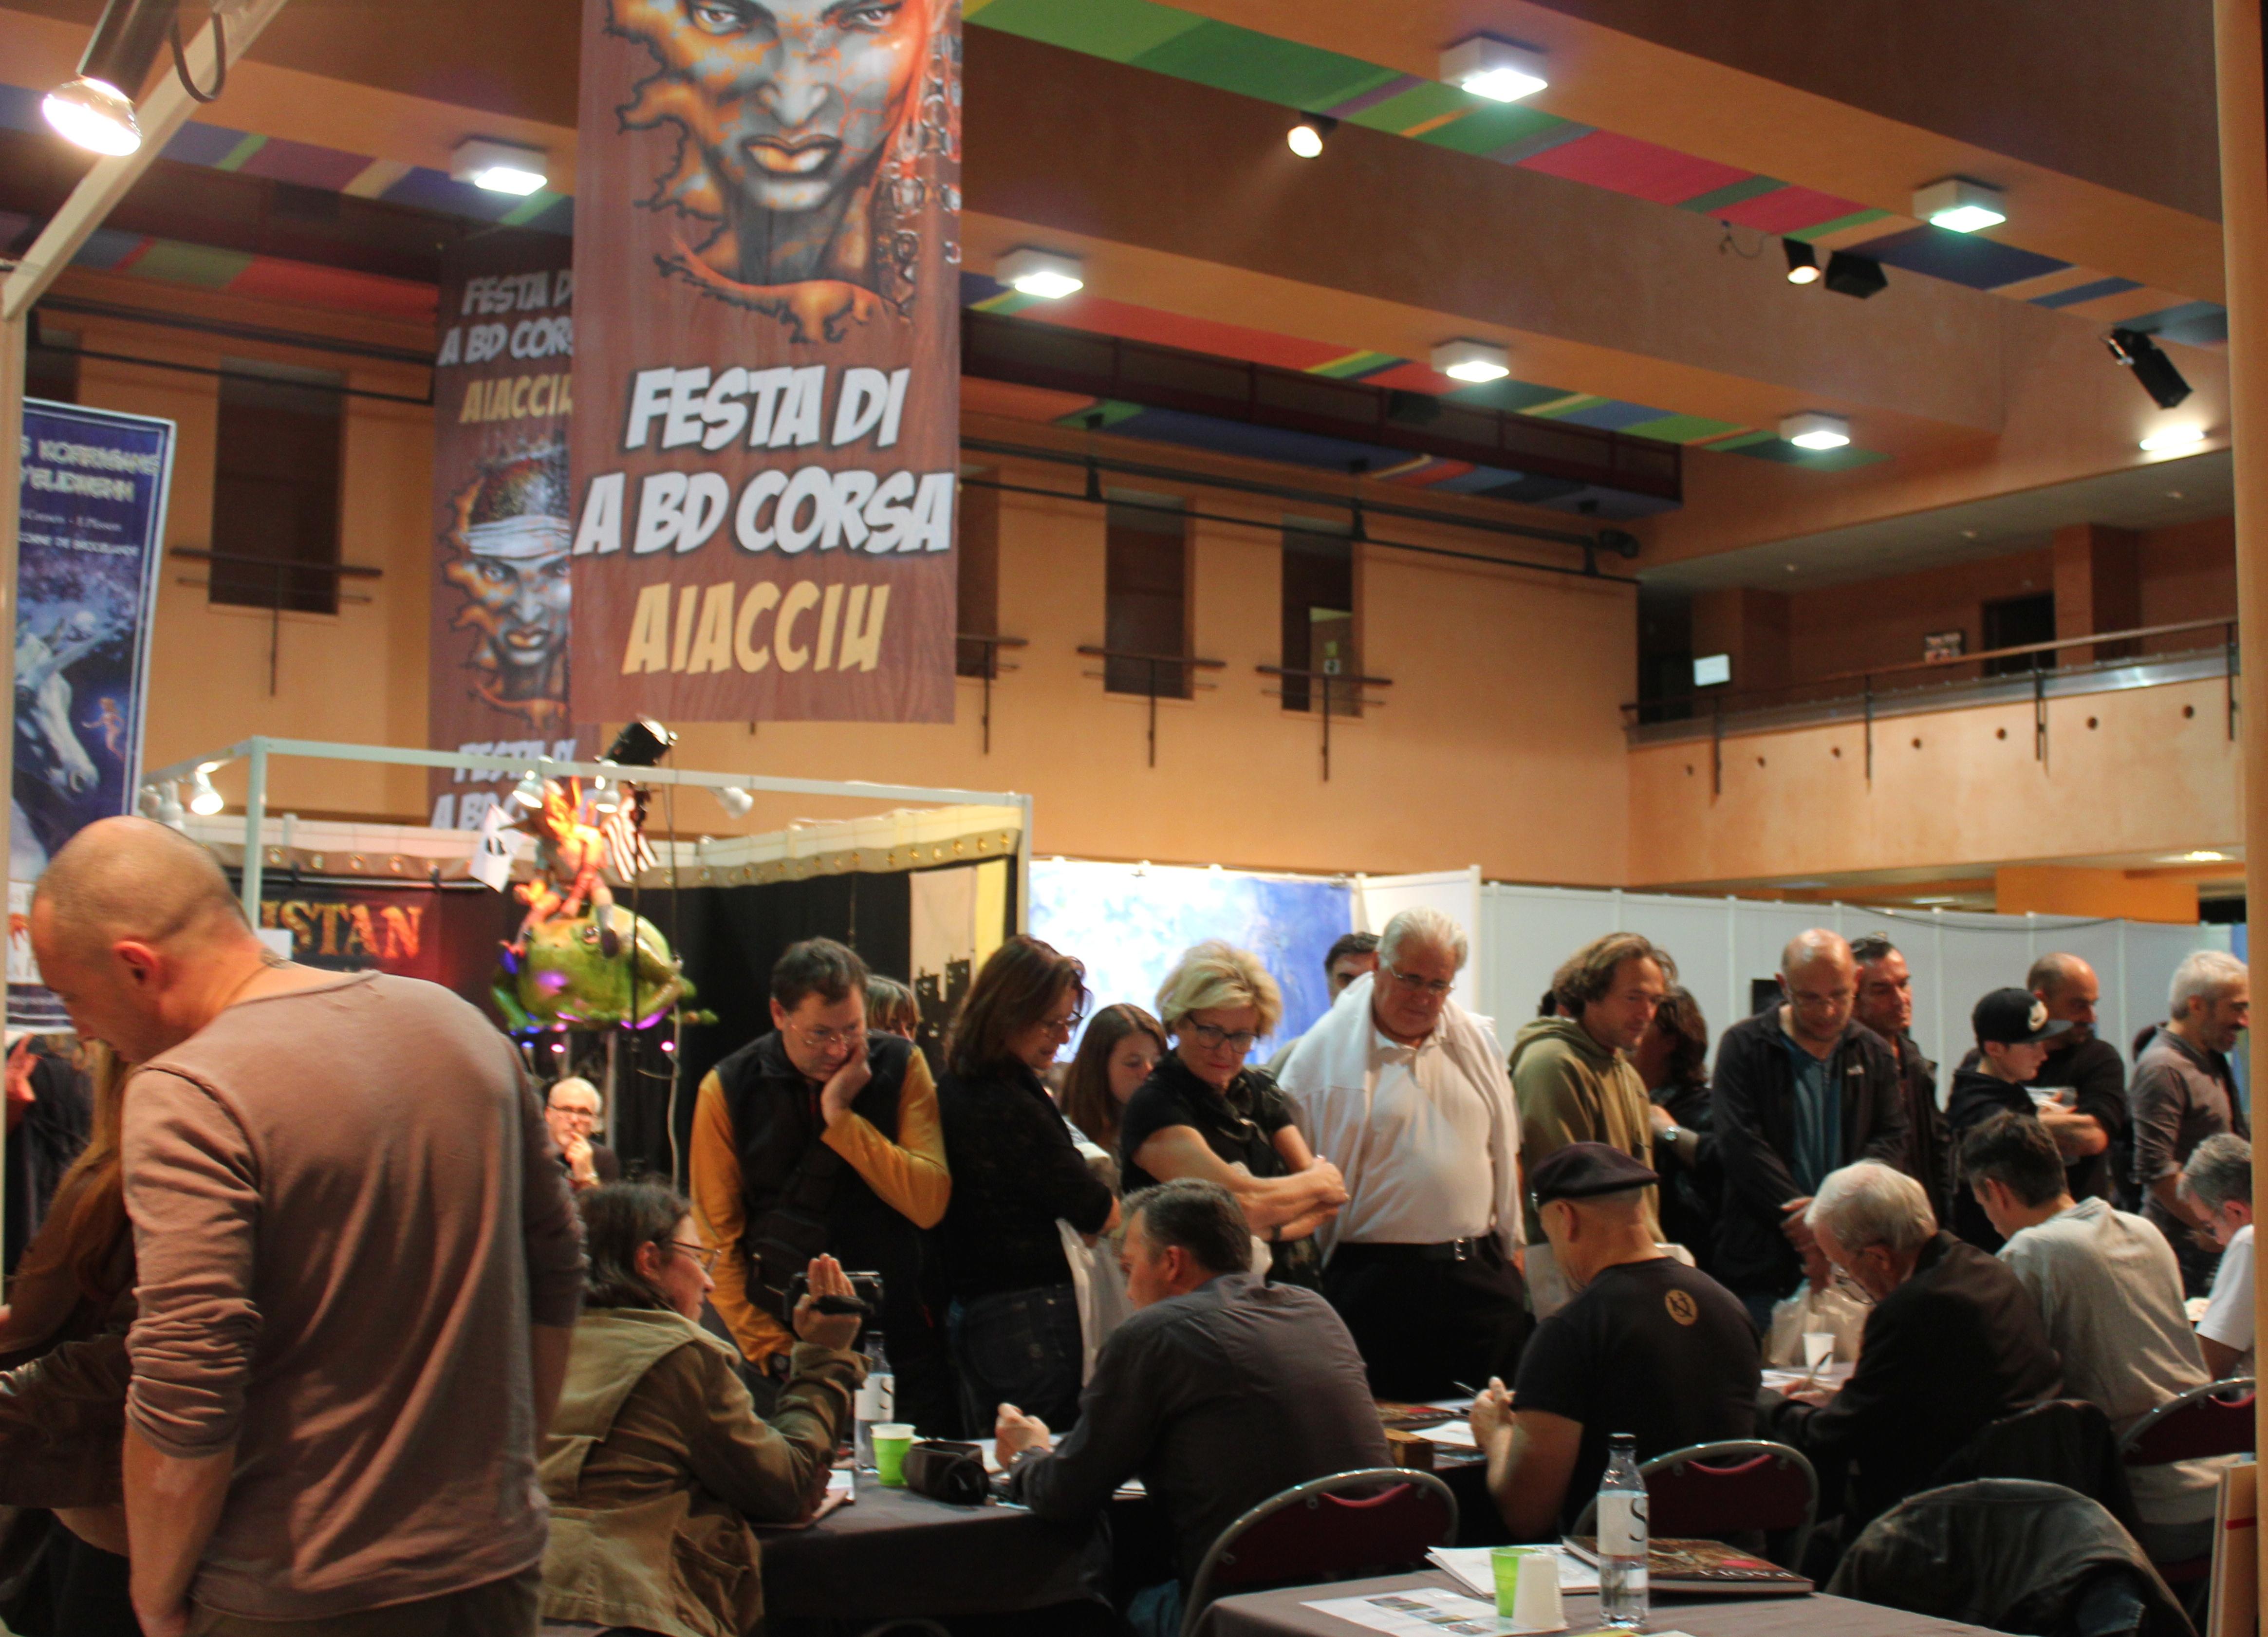 Festival de la BD d'Ajaccio : Des cases, des bulles et un franc succès